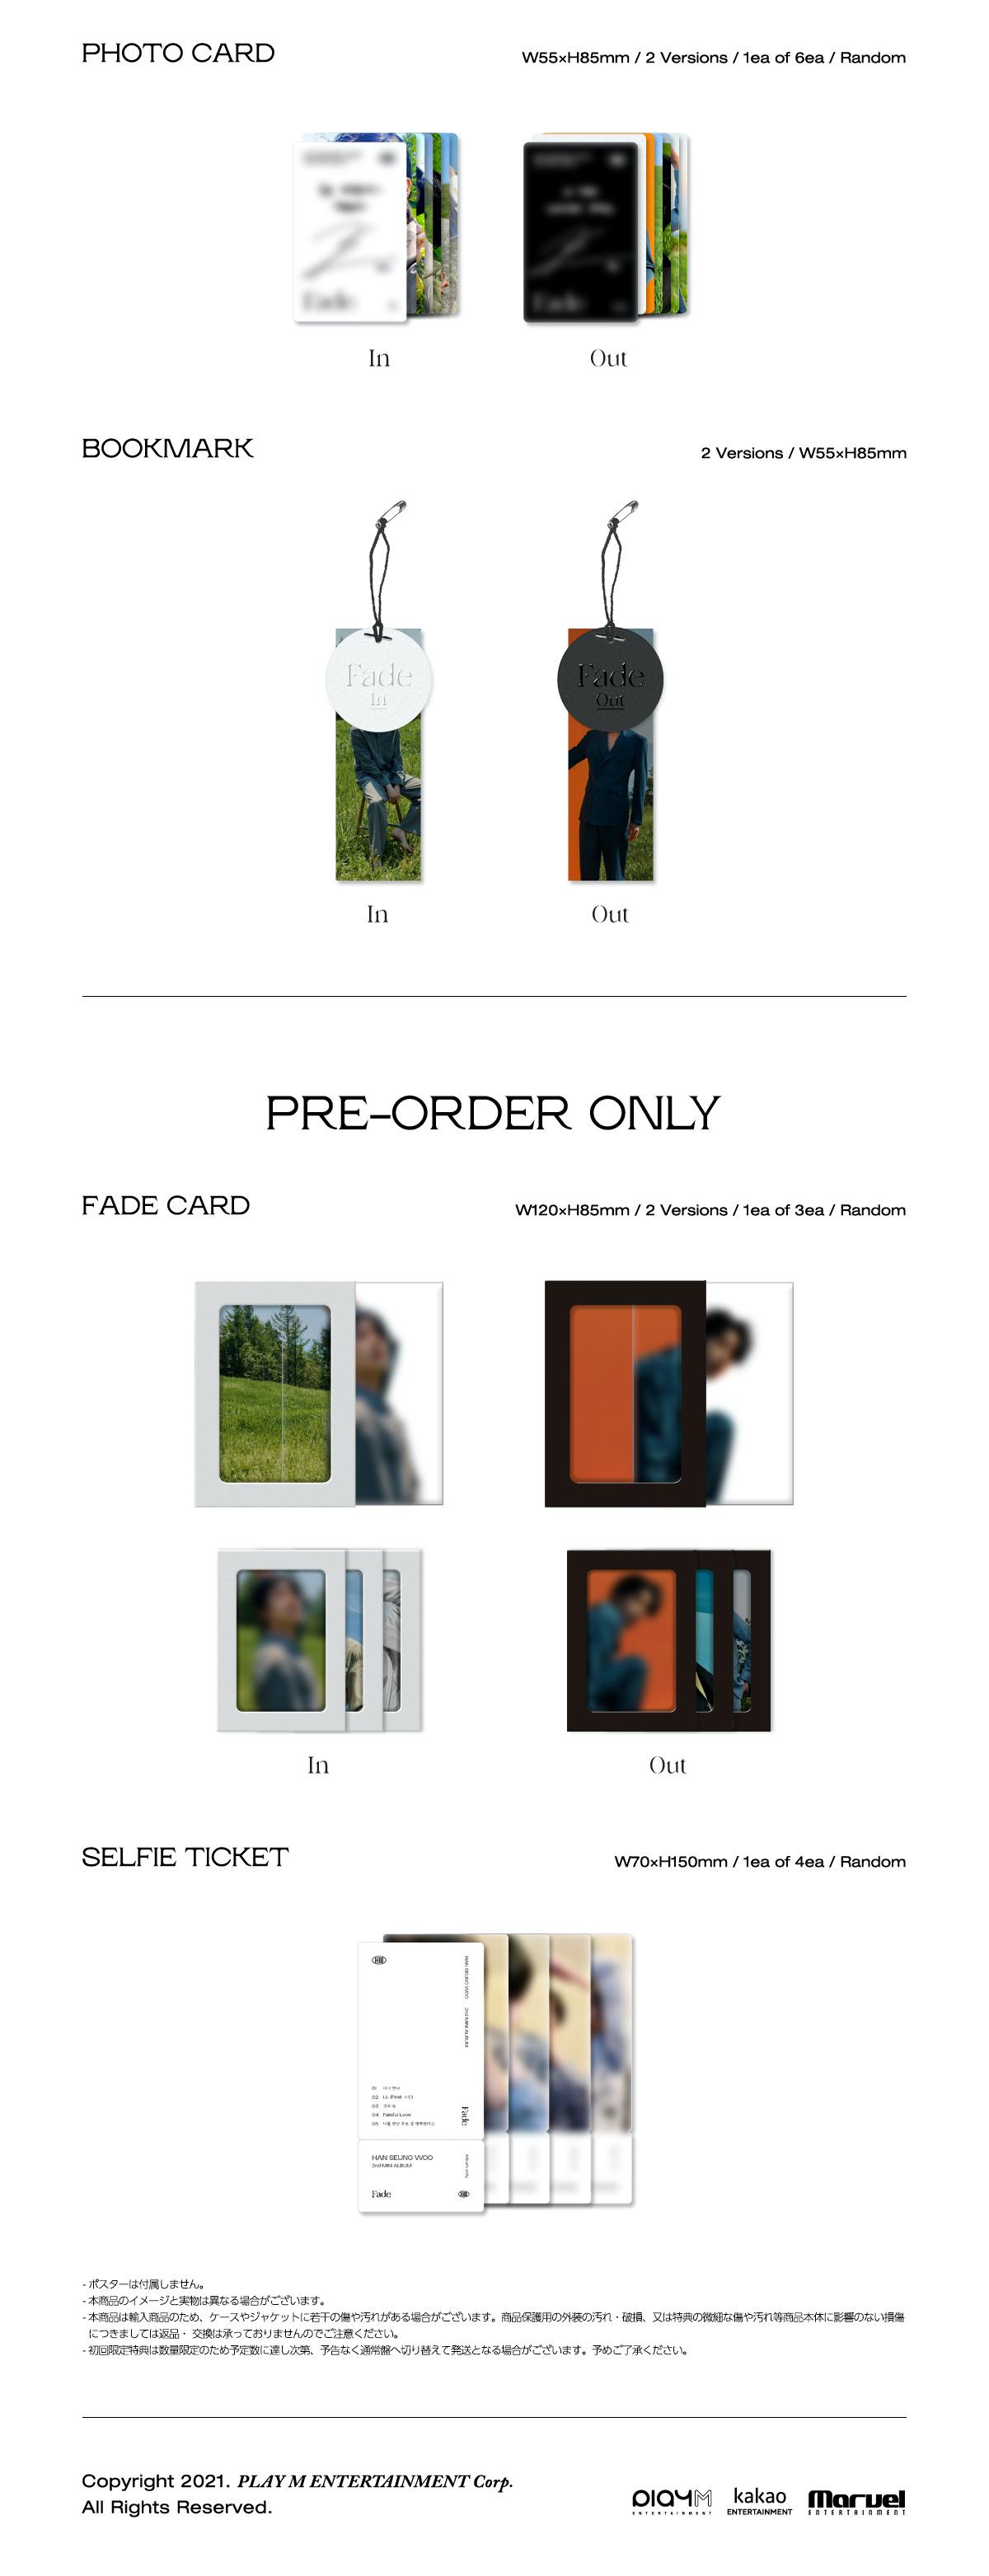 【7月12日開催/1部/1枚購入用】ハン・スンウ 2nd Mini Album [Fade]【オンライン握手会抽選対象】